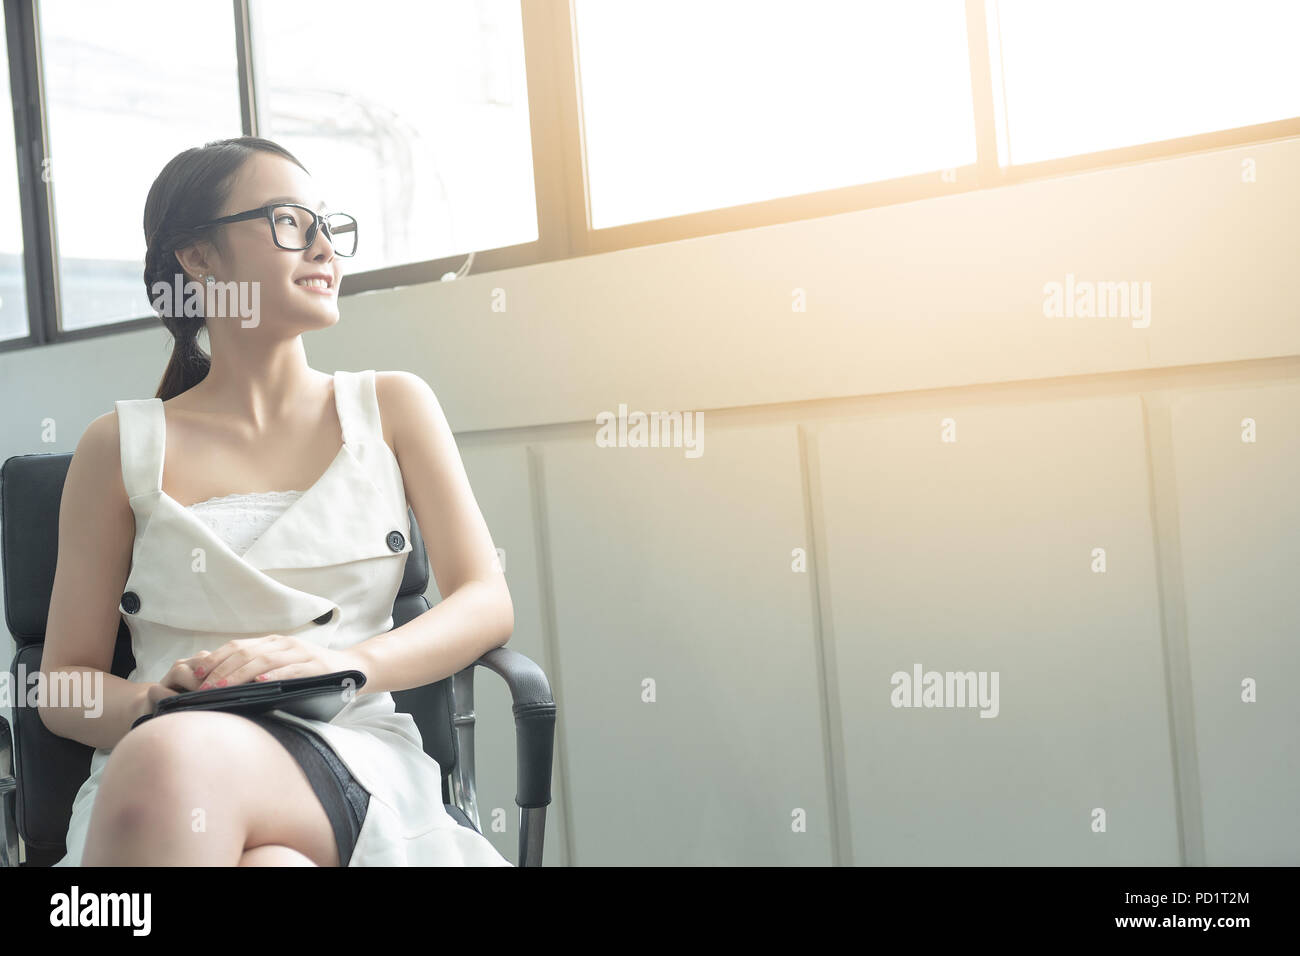 Young business woman in abito bianco che è il candidato Seduta attesa per intervista mentre guardando fuori della finestra grande. Immagini Stock